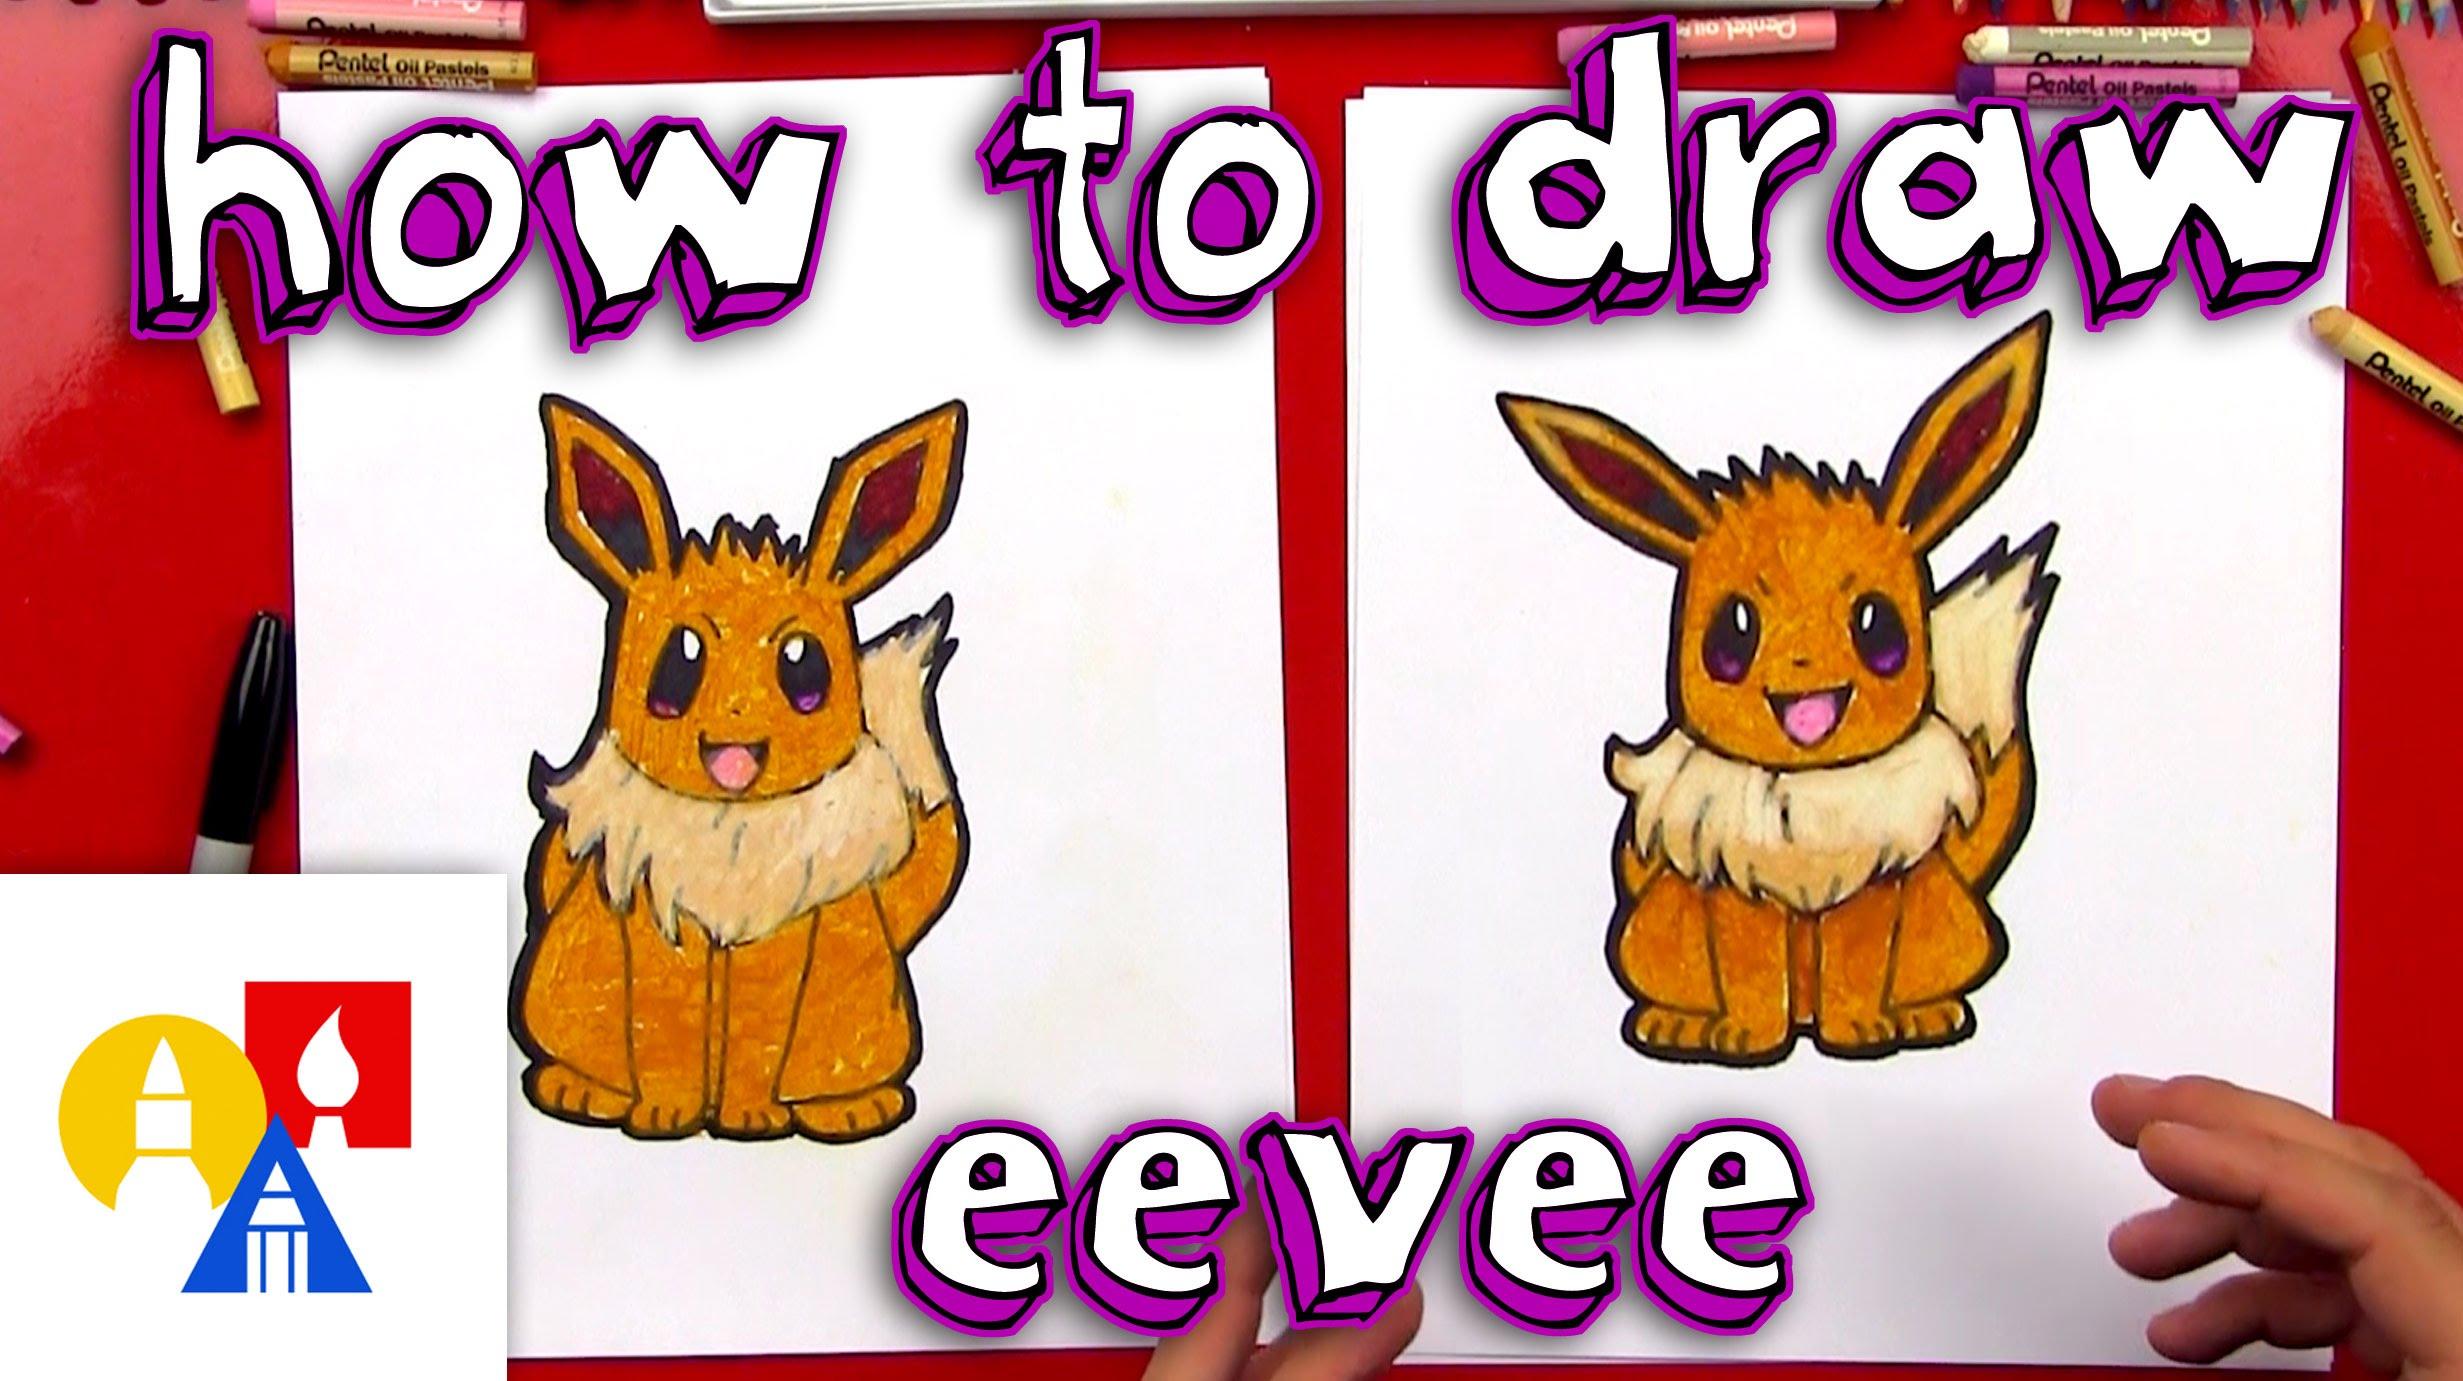 Drawn rabbit art for kid hub Draw Eevee Kids  Art